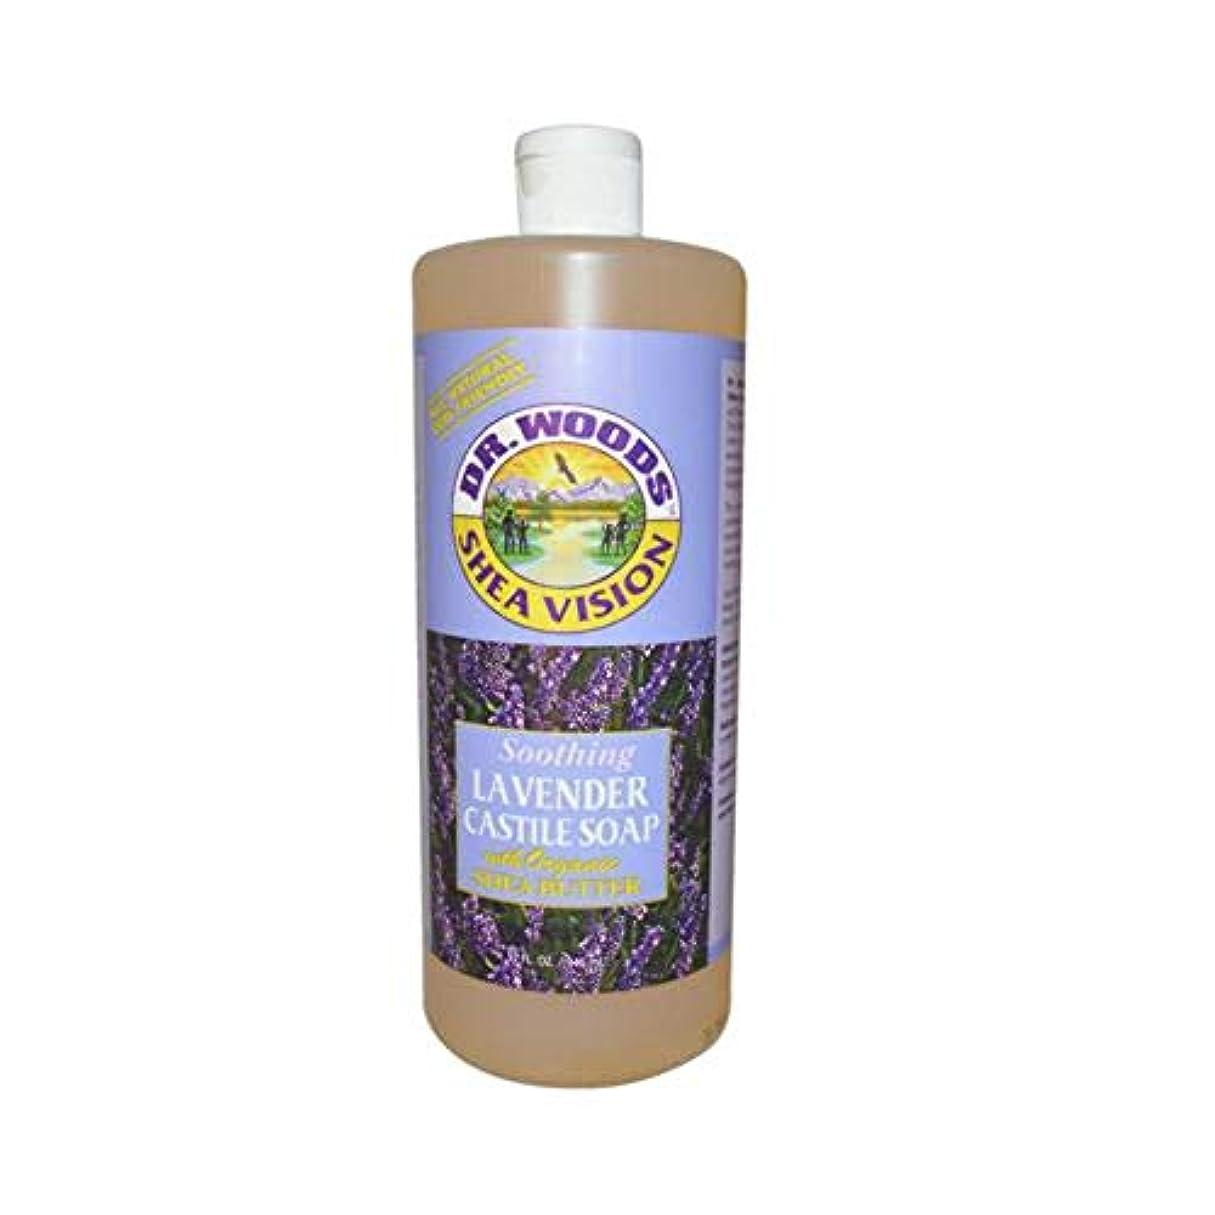 通りゲストバケツDr. Woods, Shea Vision, Soothing Lavender Castile Soap, 32 fl oz (946 ml)